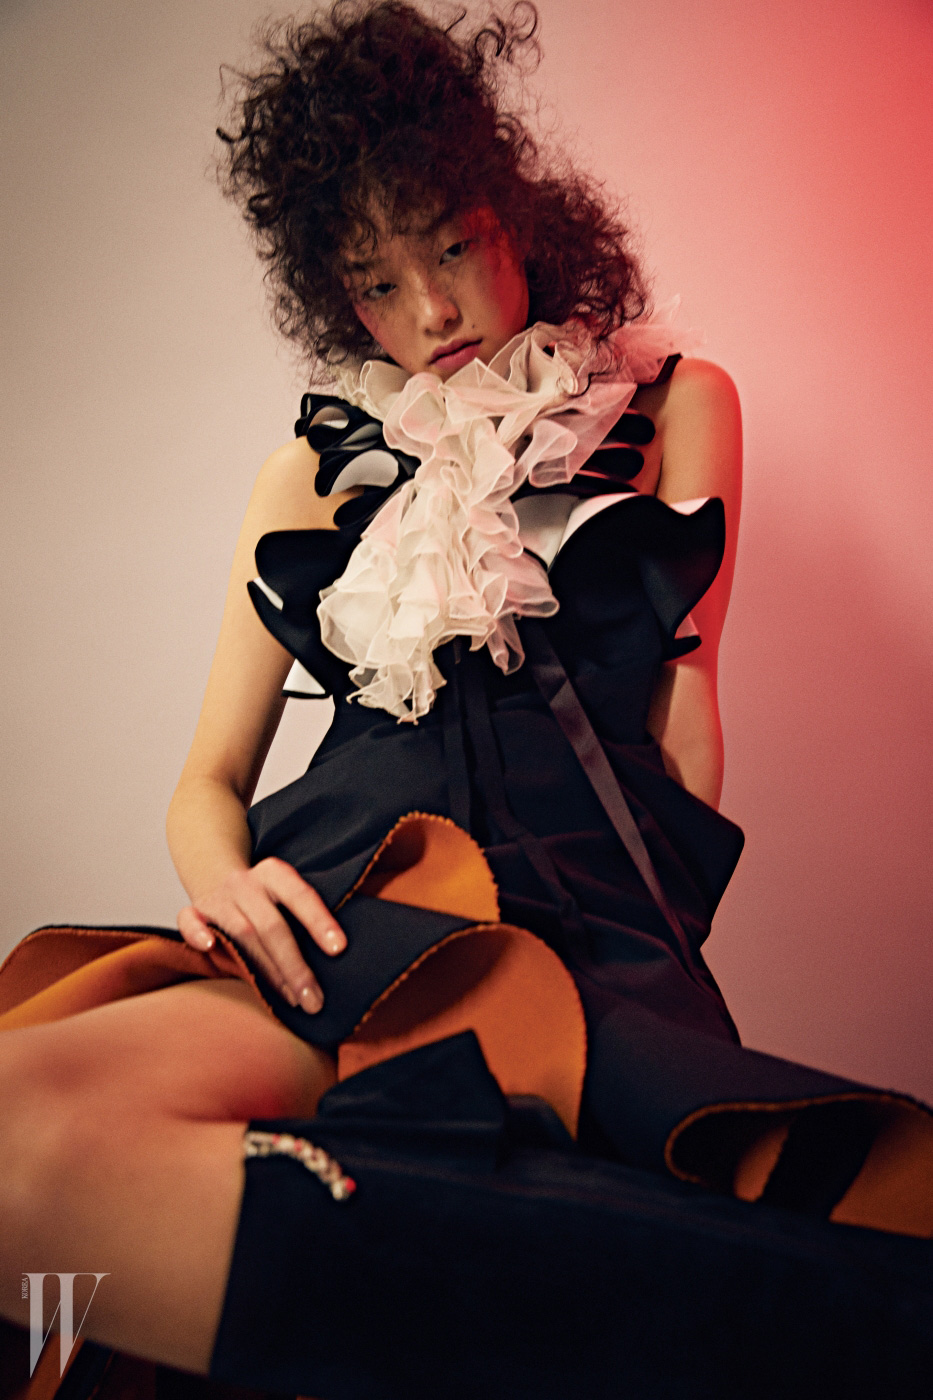 가슴에 러플 장식이 있는 검정 드레스는 Victoria Victoria Beckham by shopbop.com, 러플이 달린 목 장식은 Ralph Lauren Collection, 밑단에 러플이 달린 스커트는 Lucky Chouette, 스웨이드 부츠는 J.W. Anderson by myteresa.com 제품.